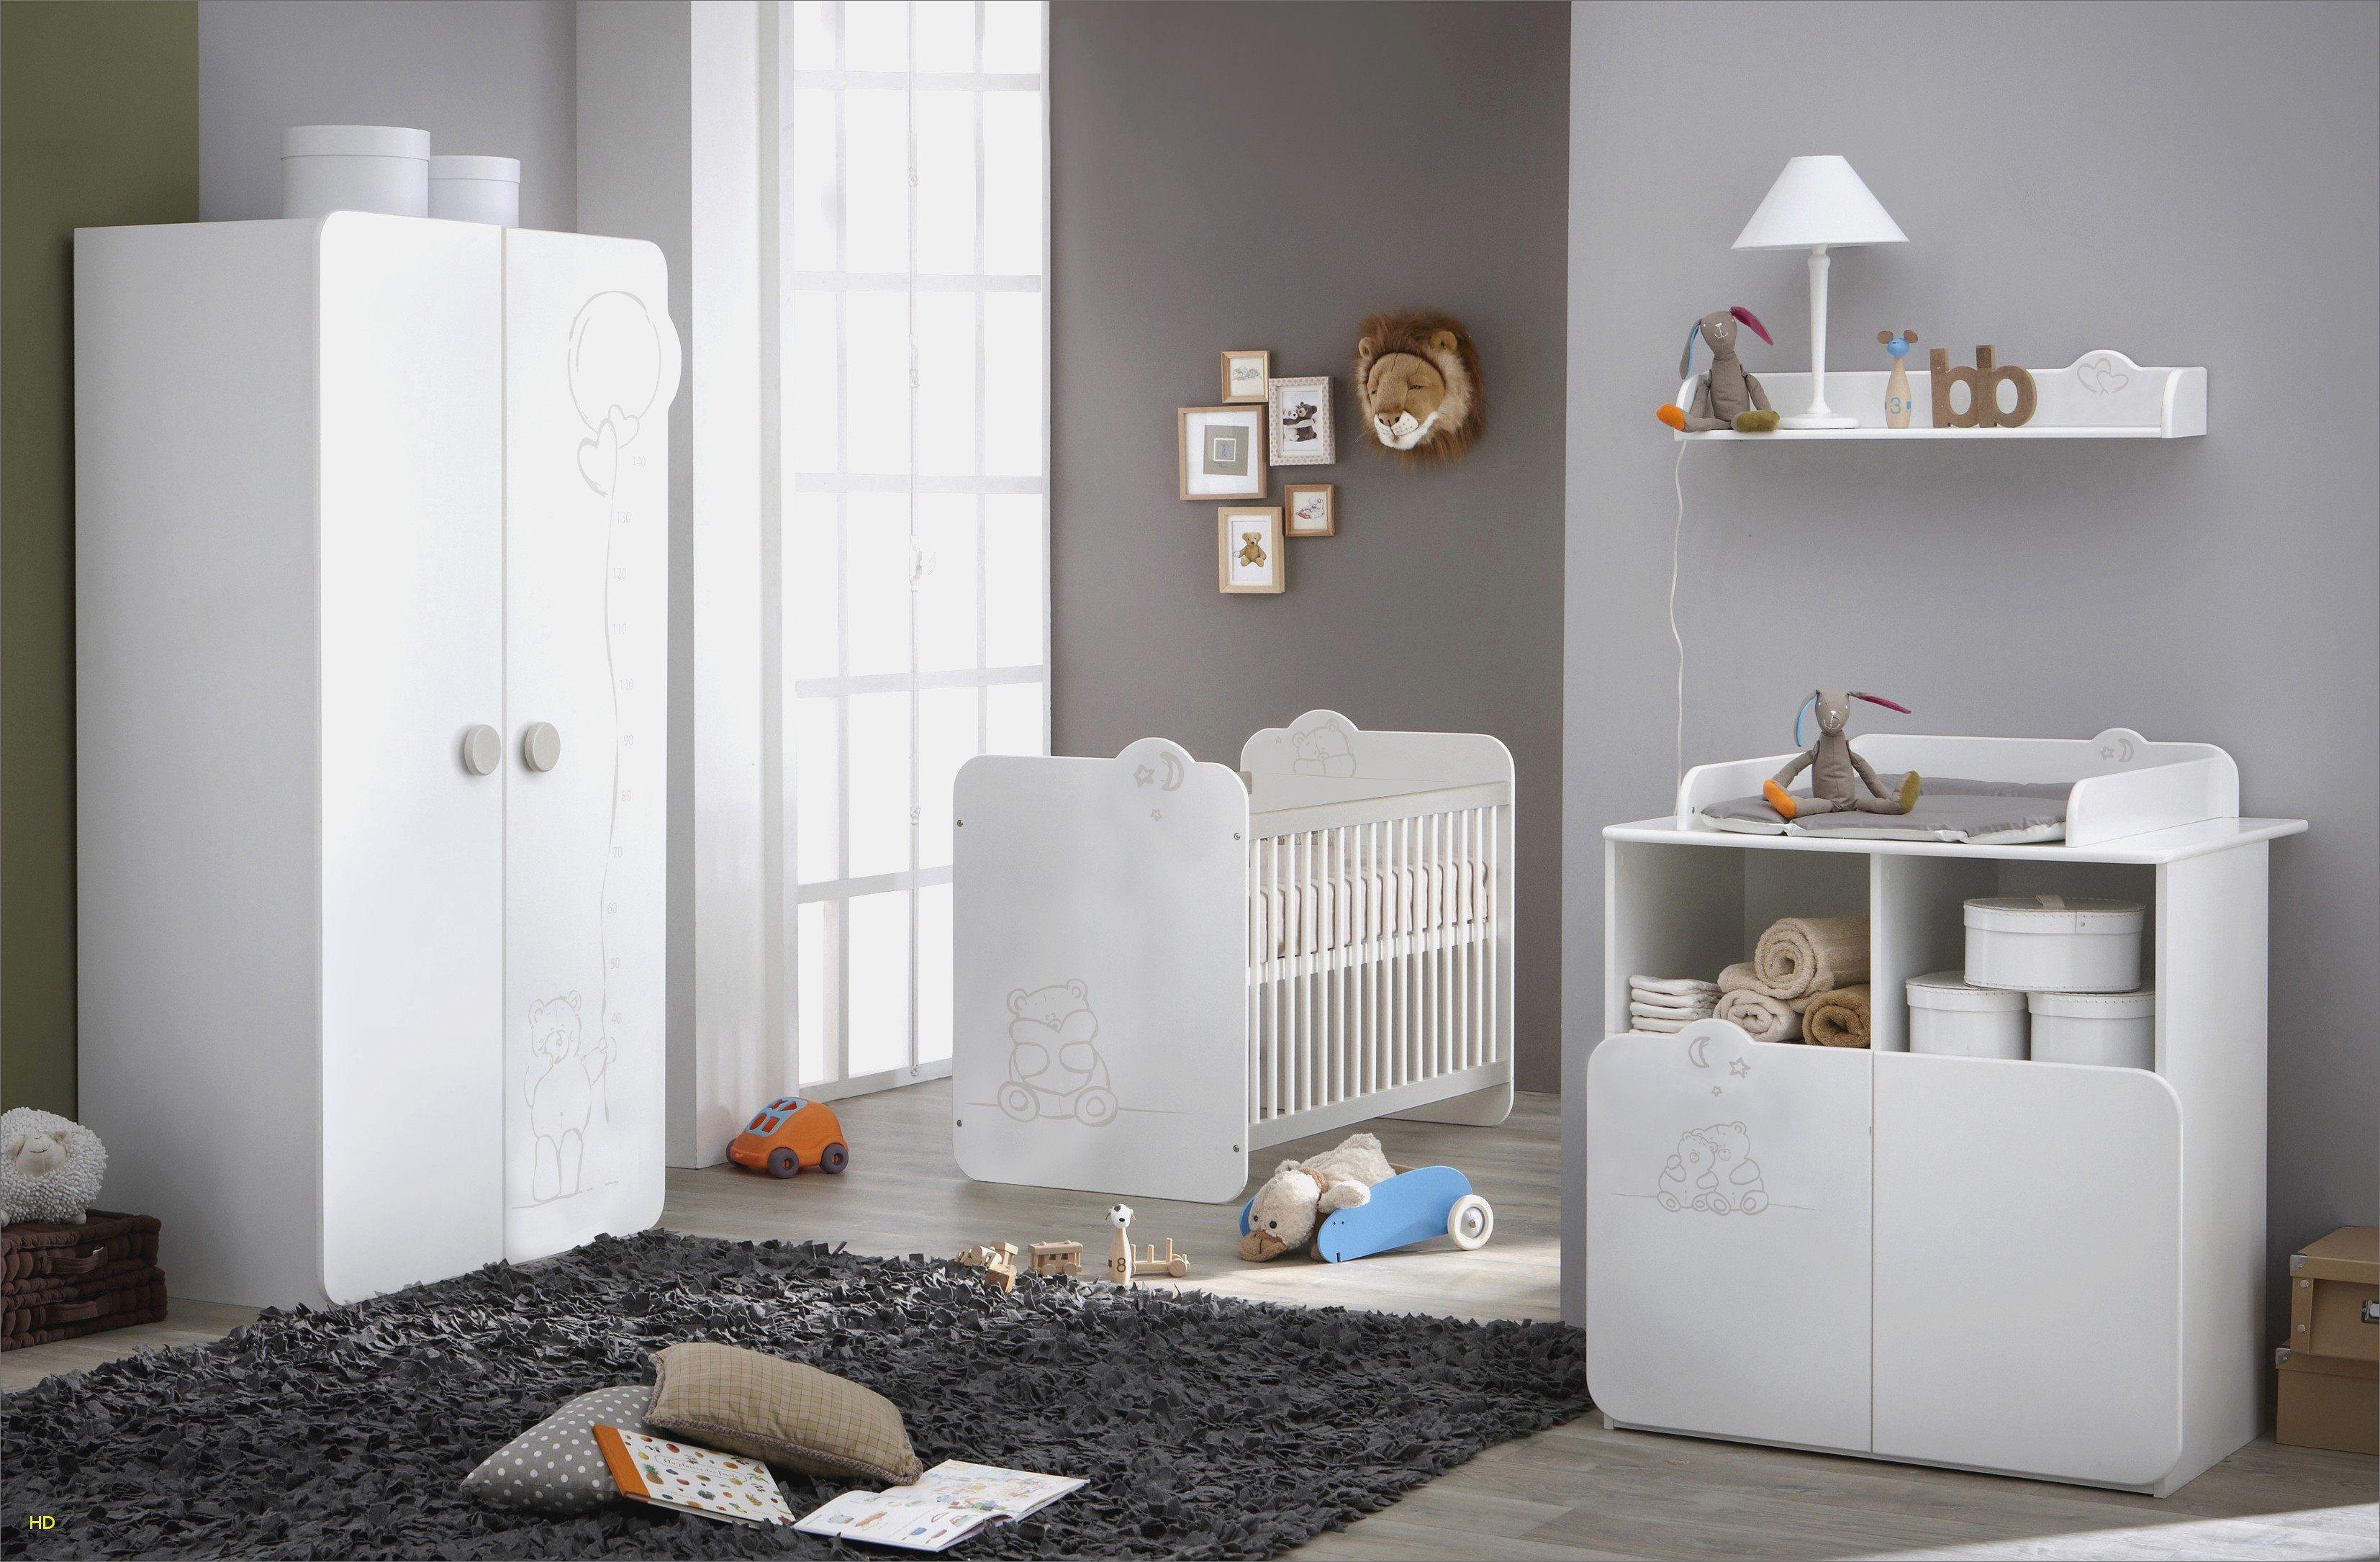 Lit Bebe Blanc Et Bois Charmant Meuble De Chambre En Bois Chambre Enfant Scandinave Charmant Chambre